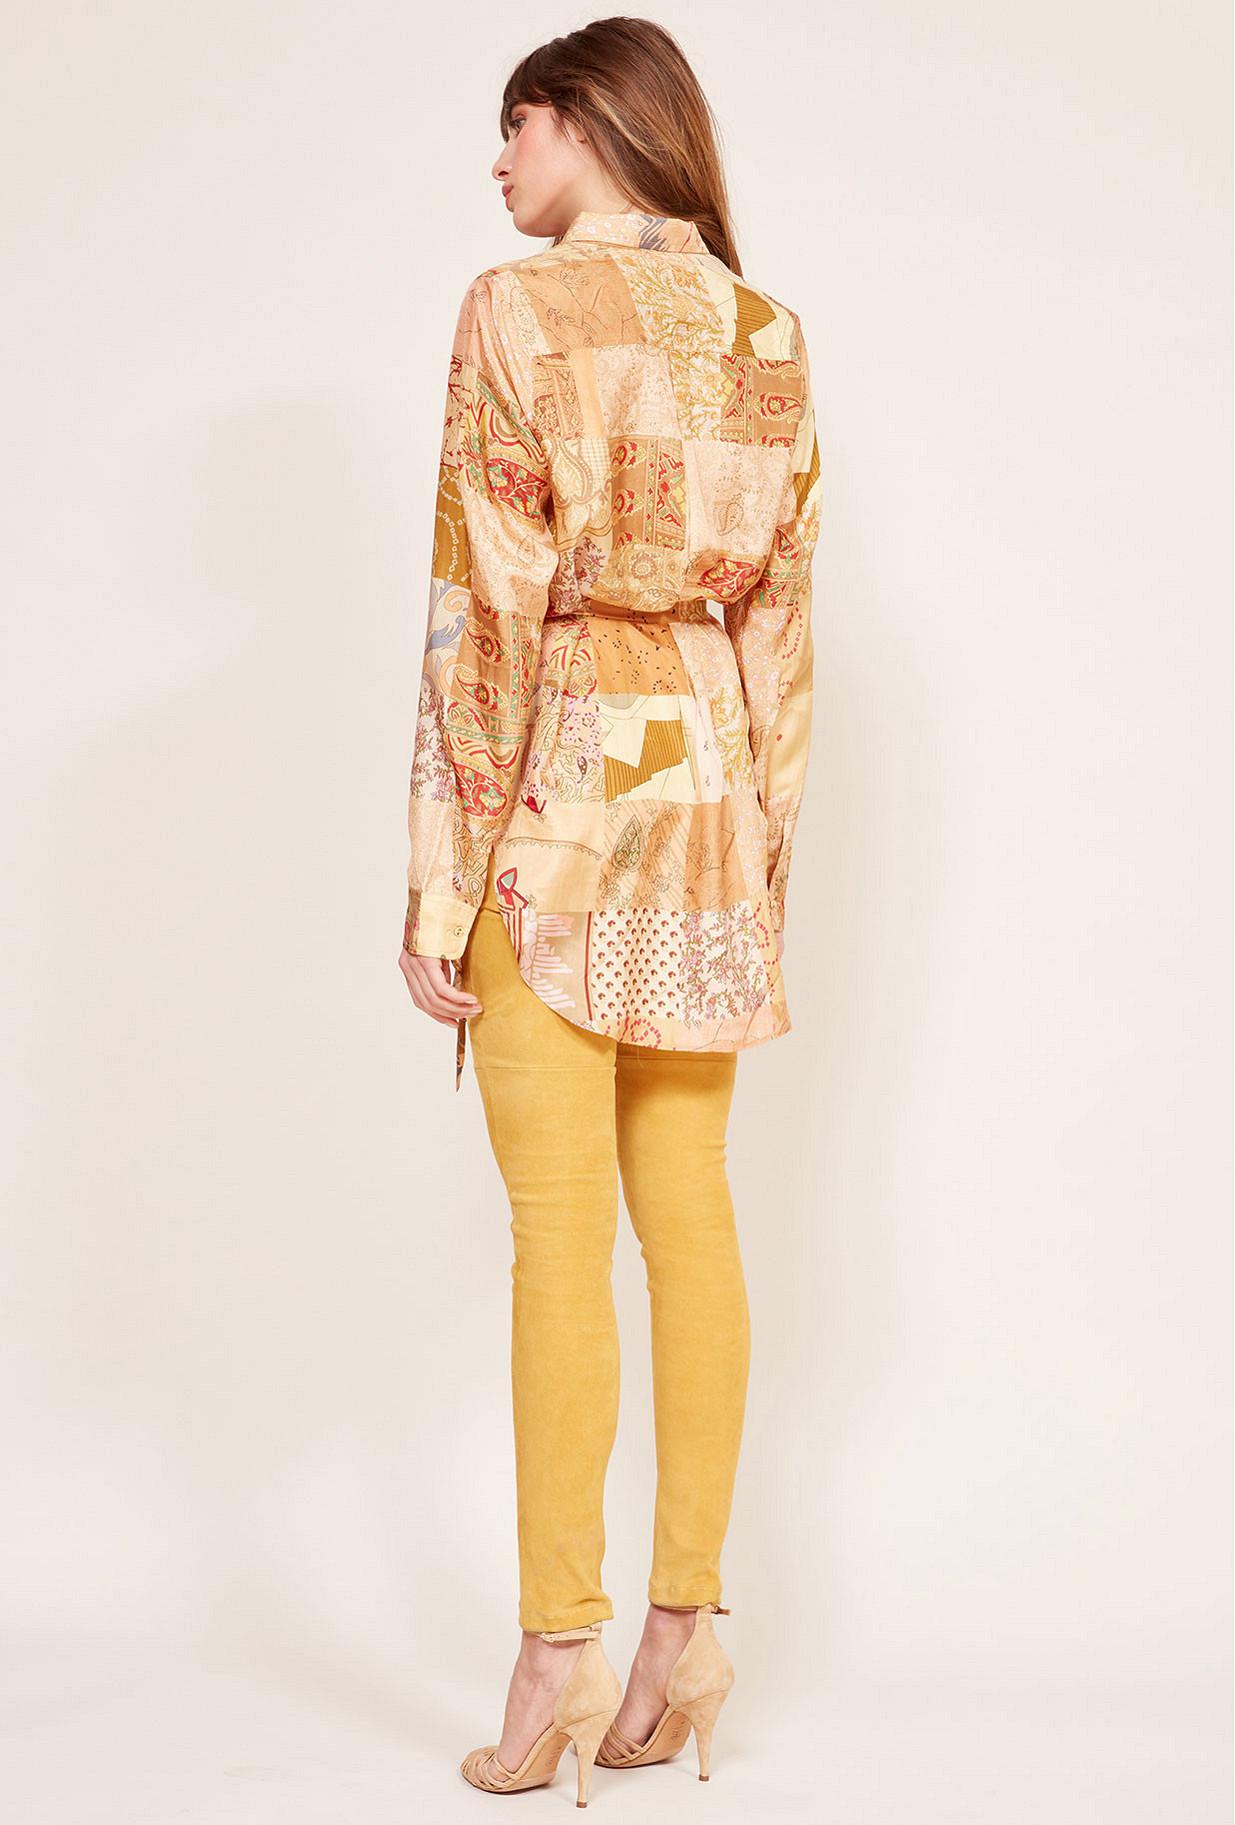 Patchouli  Shirt  Pachino Mes demoiselles fashion clothes designer Paris